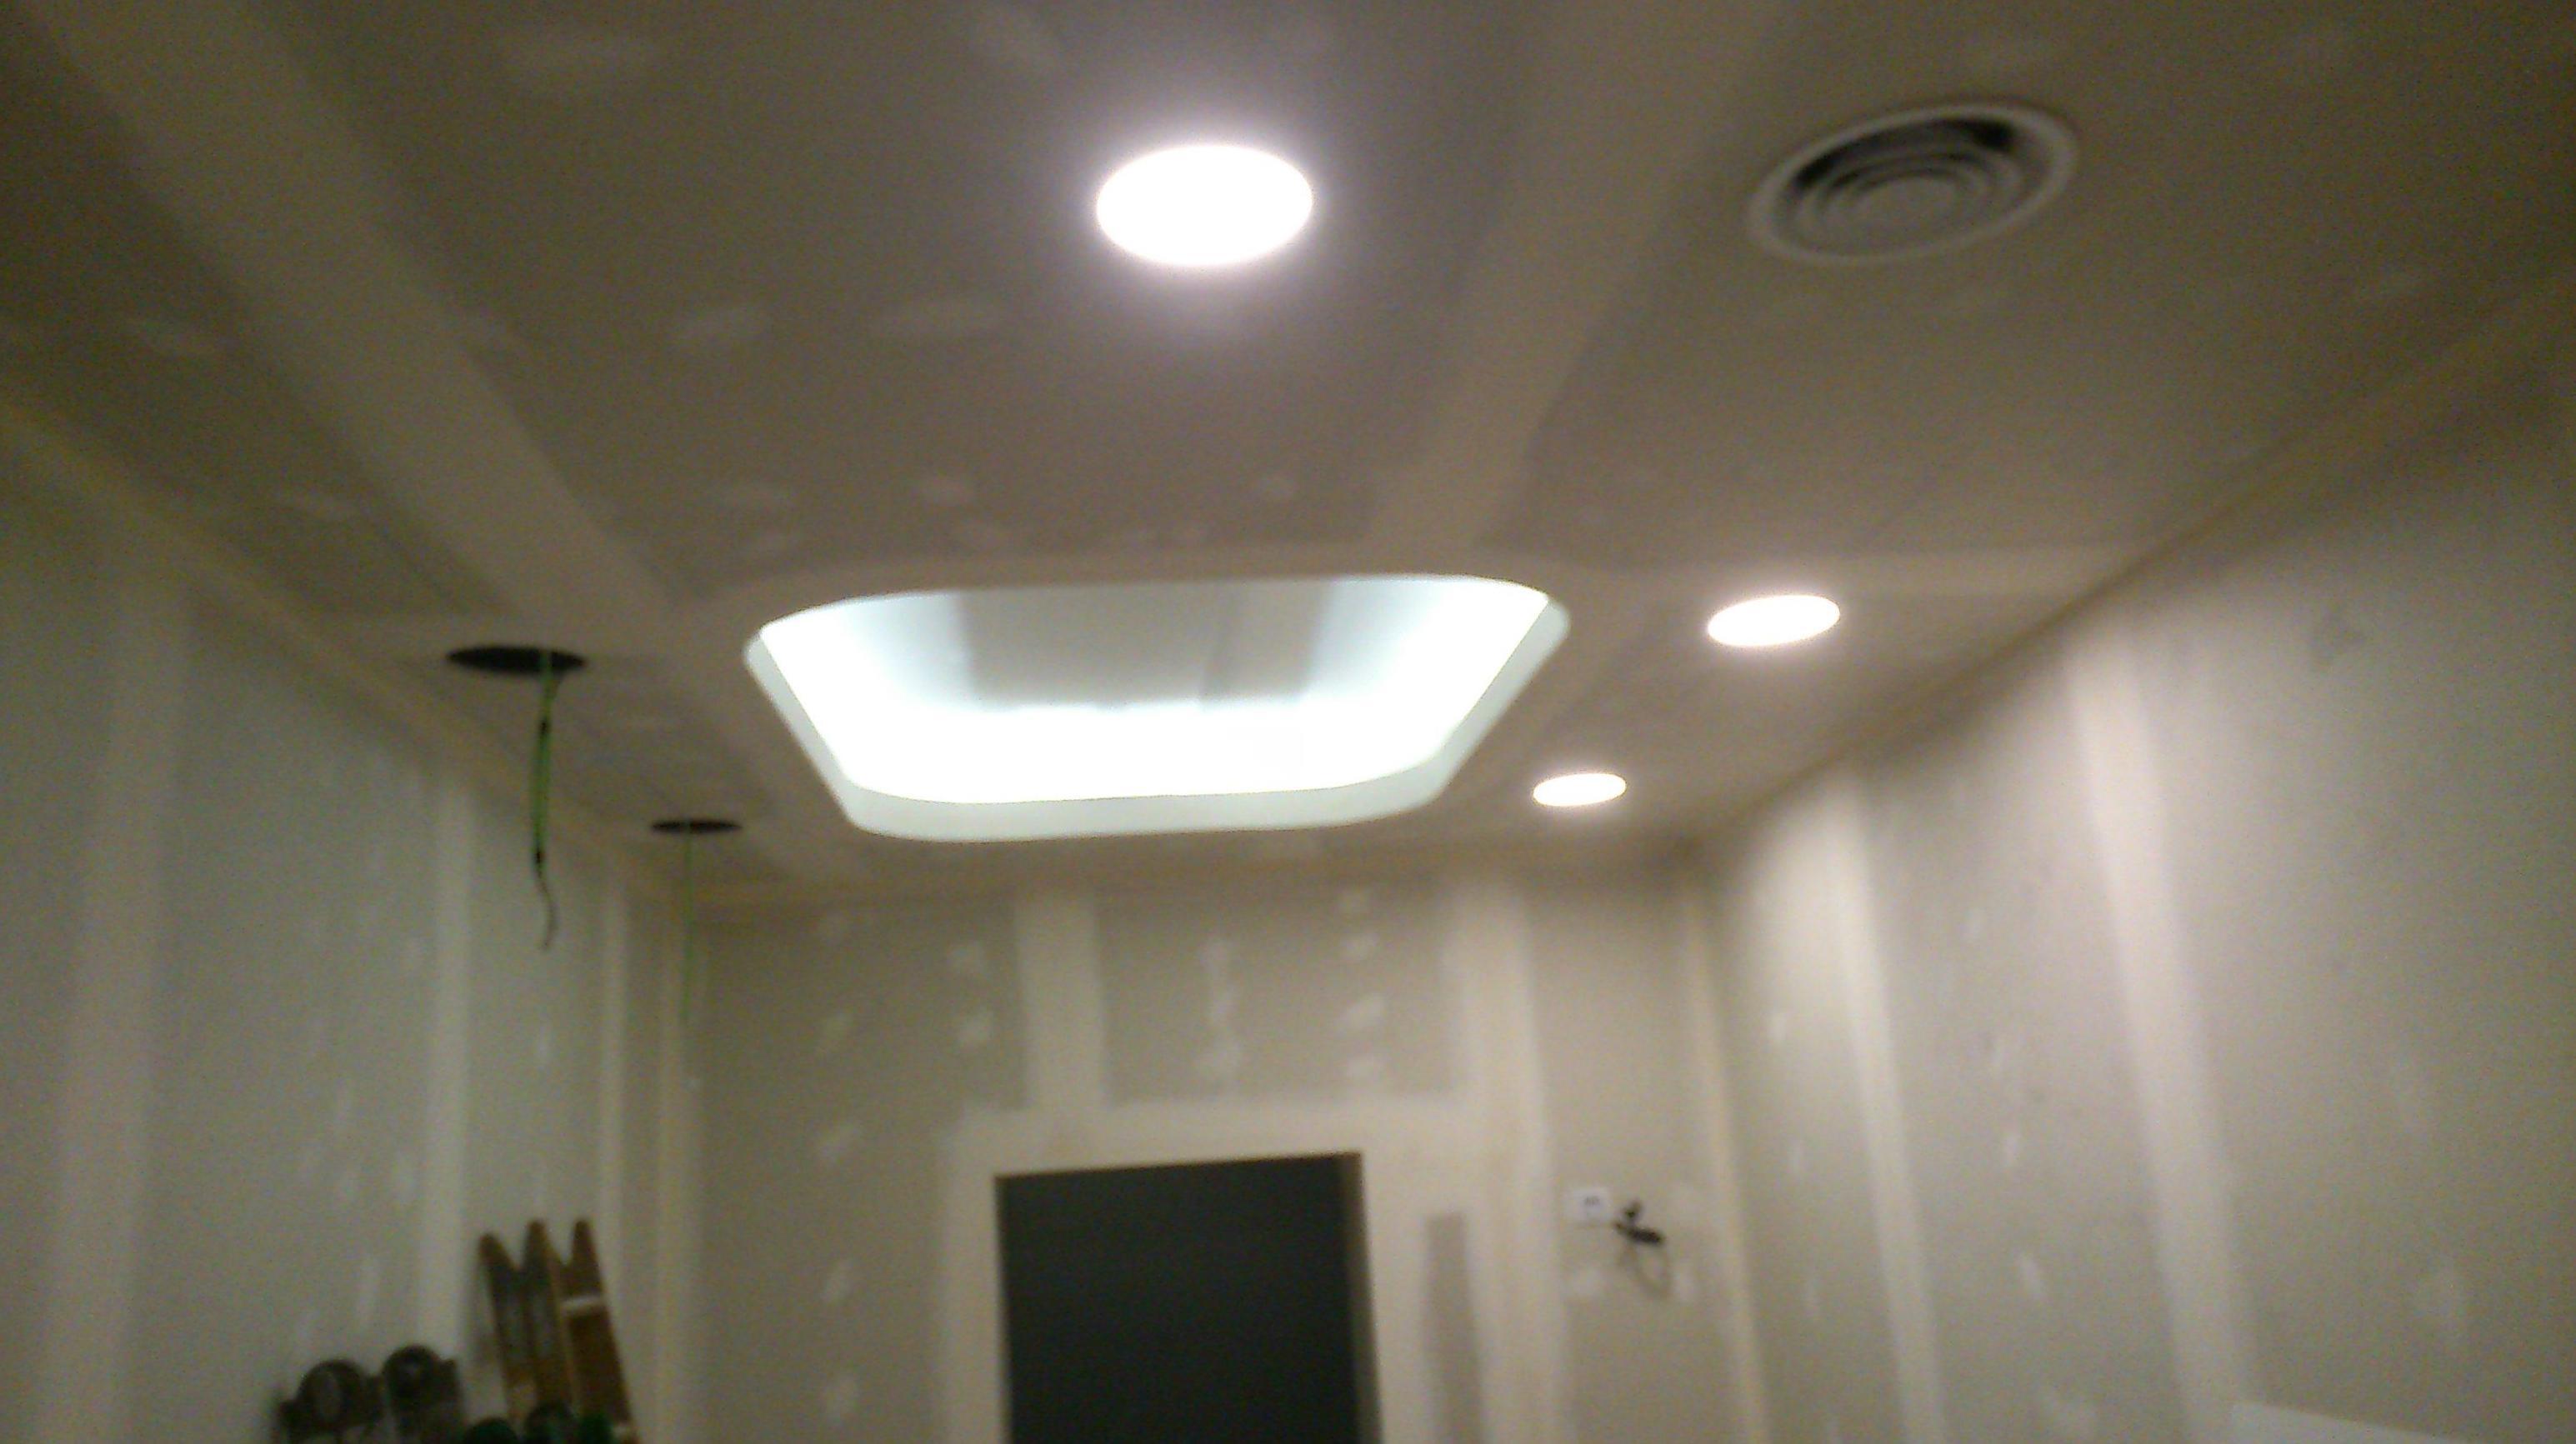 Foto 12 de pladur en madrid innovaciones interiores cch sl - Pladur en madrid ...